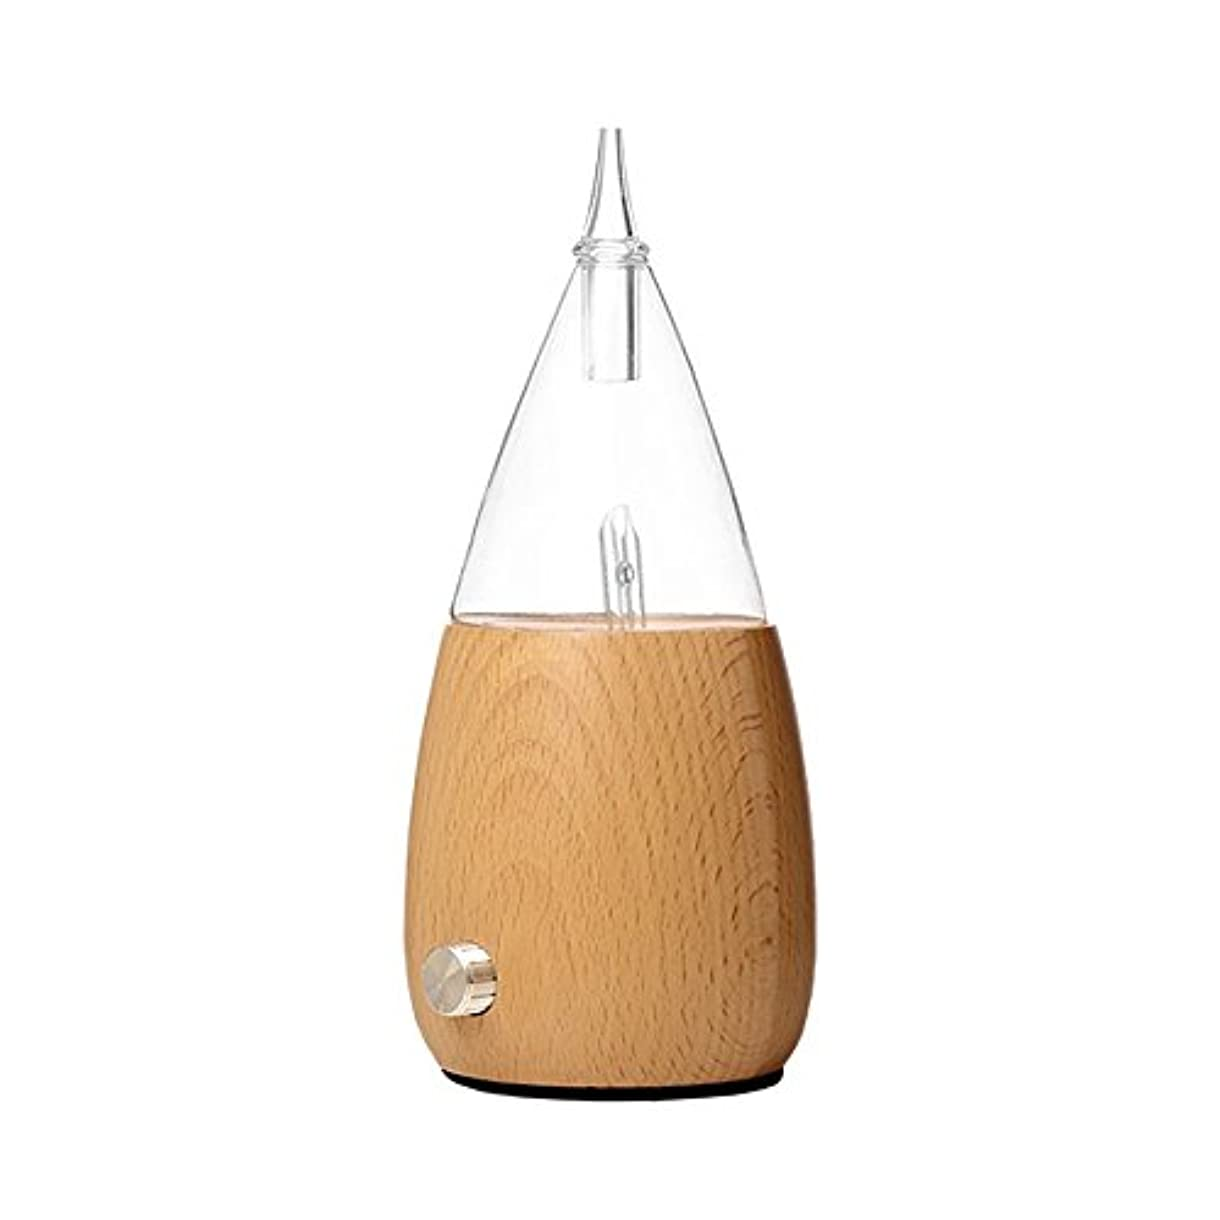 バタフライ青写真スポーツWaterless Essential Oil Nebulizer with Fast Difussion、超音波アロマテラピーFragrant Oil Vaporizer加湿器、自然と芸術的夜ライトギフトfor Friends in木製とガラス